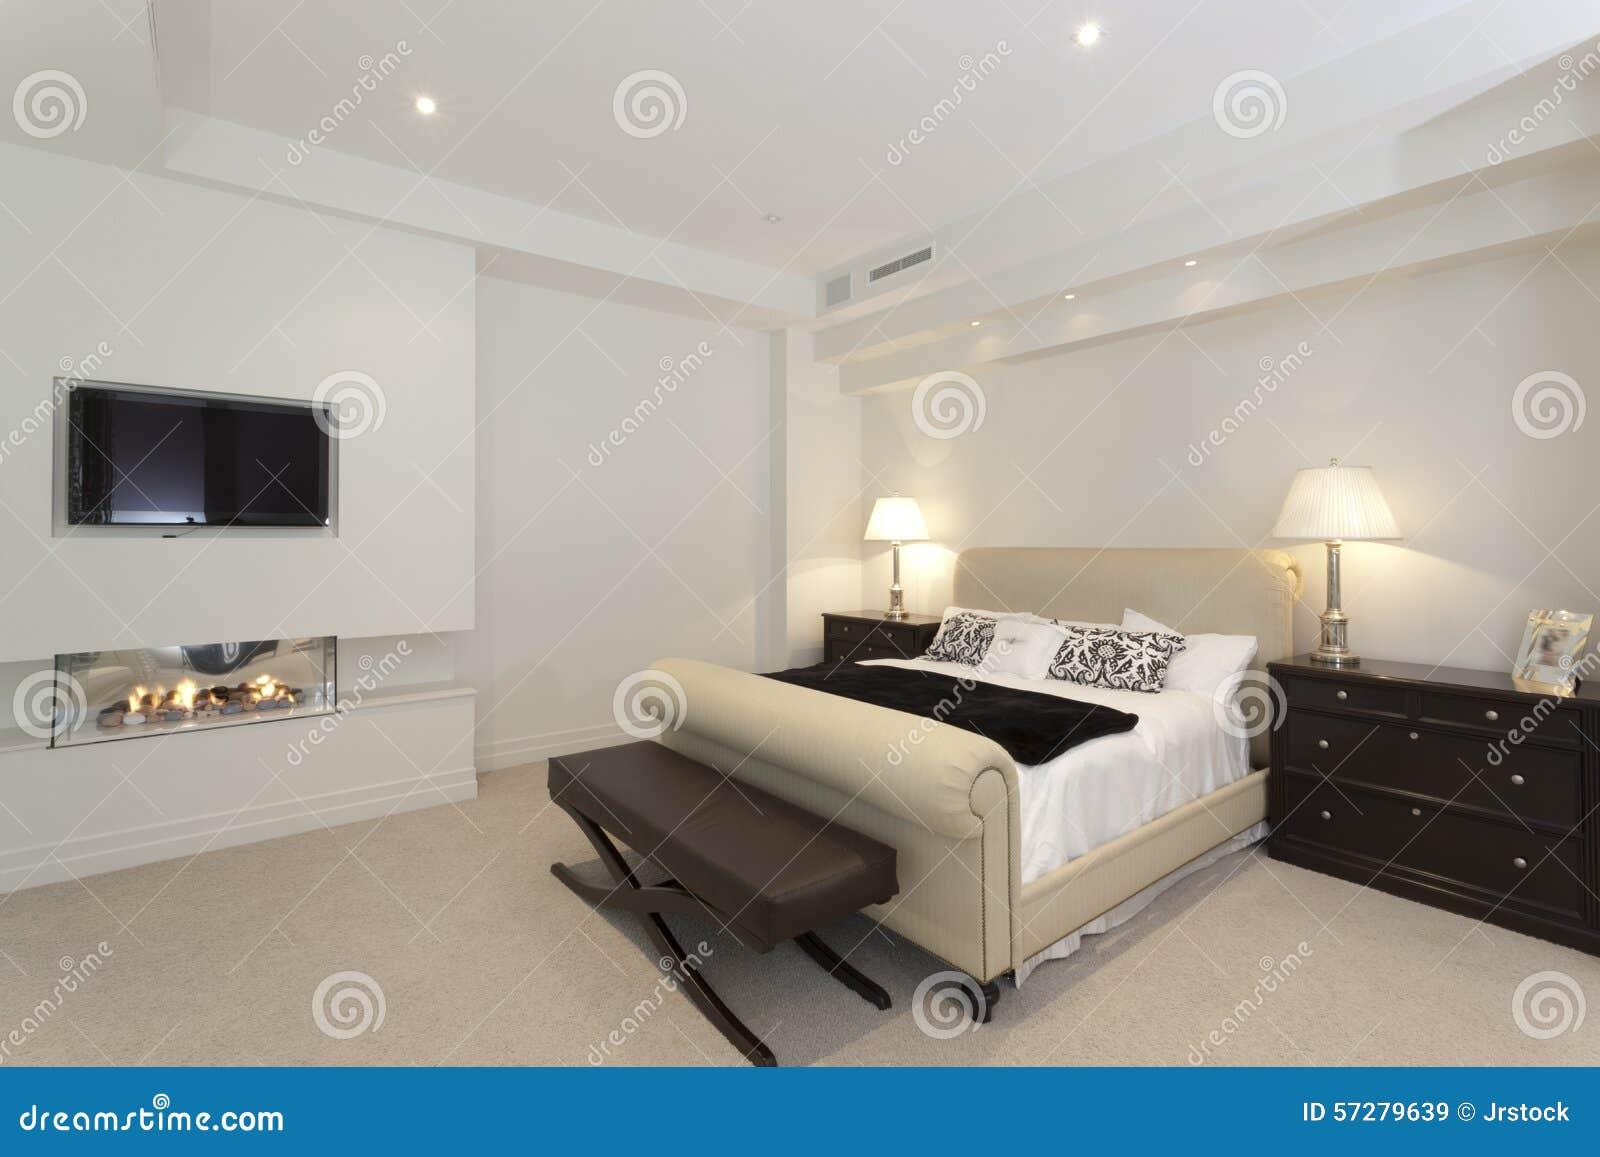 Camera da letto moderna con un camino immagine stock - Camera letto moderna ...